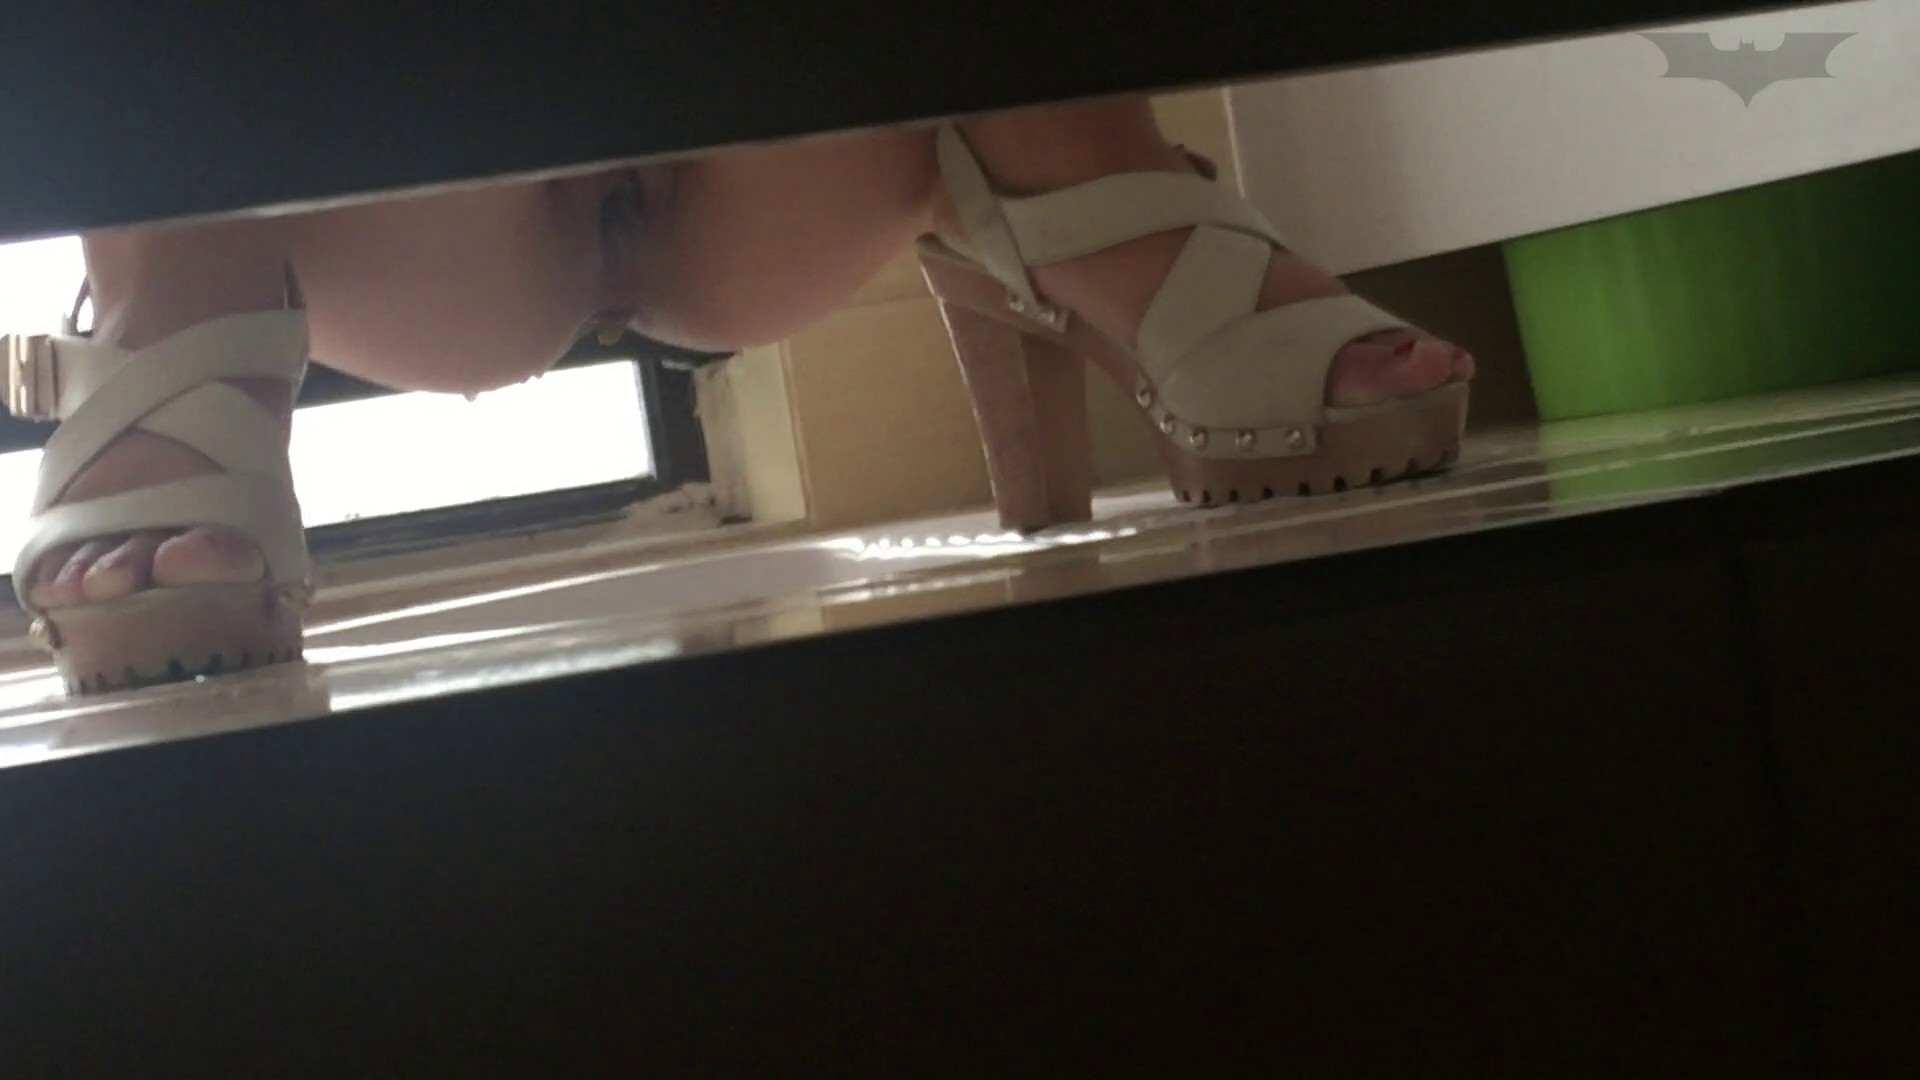 JD盗撮 美女の洗面所の秘密 Vol.73 美女 おまんこ無修正動画無料 105画像 8